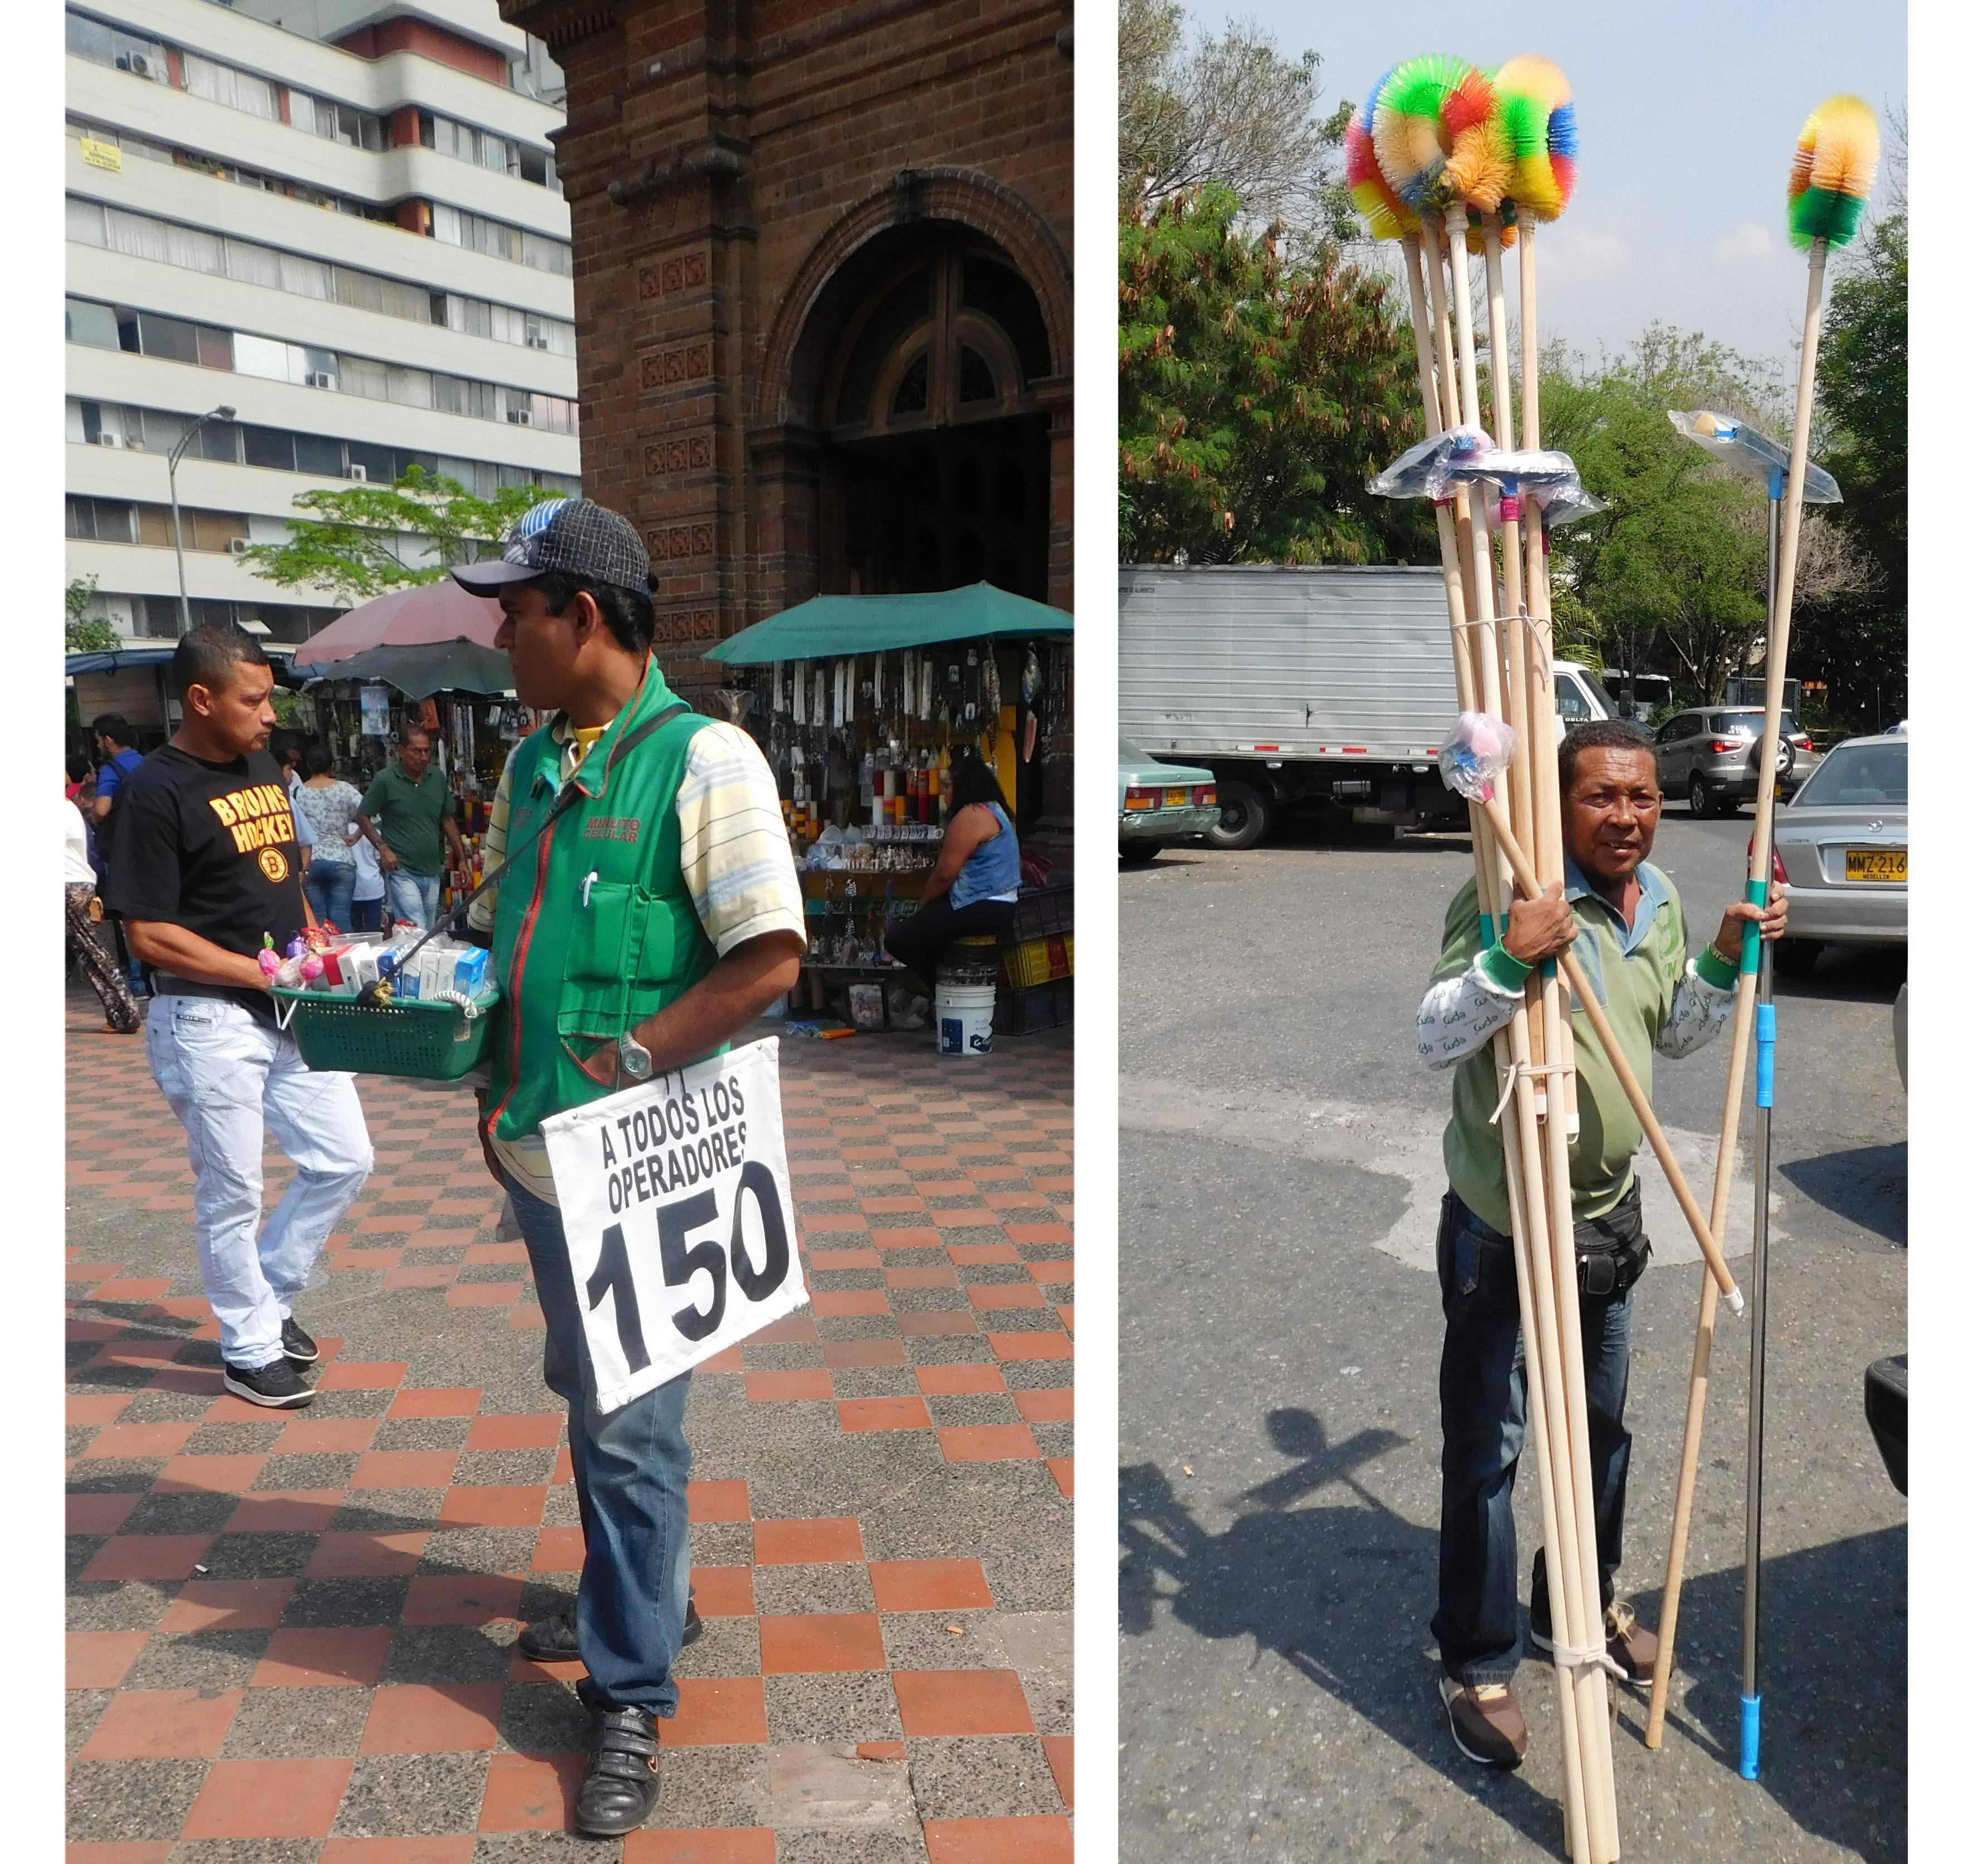 Medellin: Street Commerce